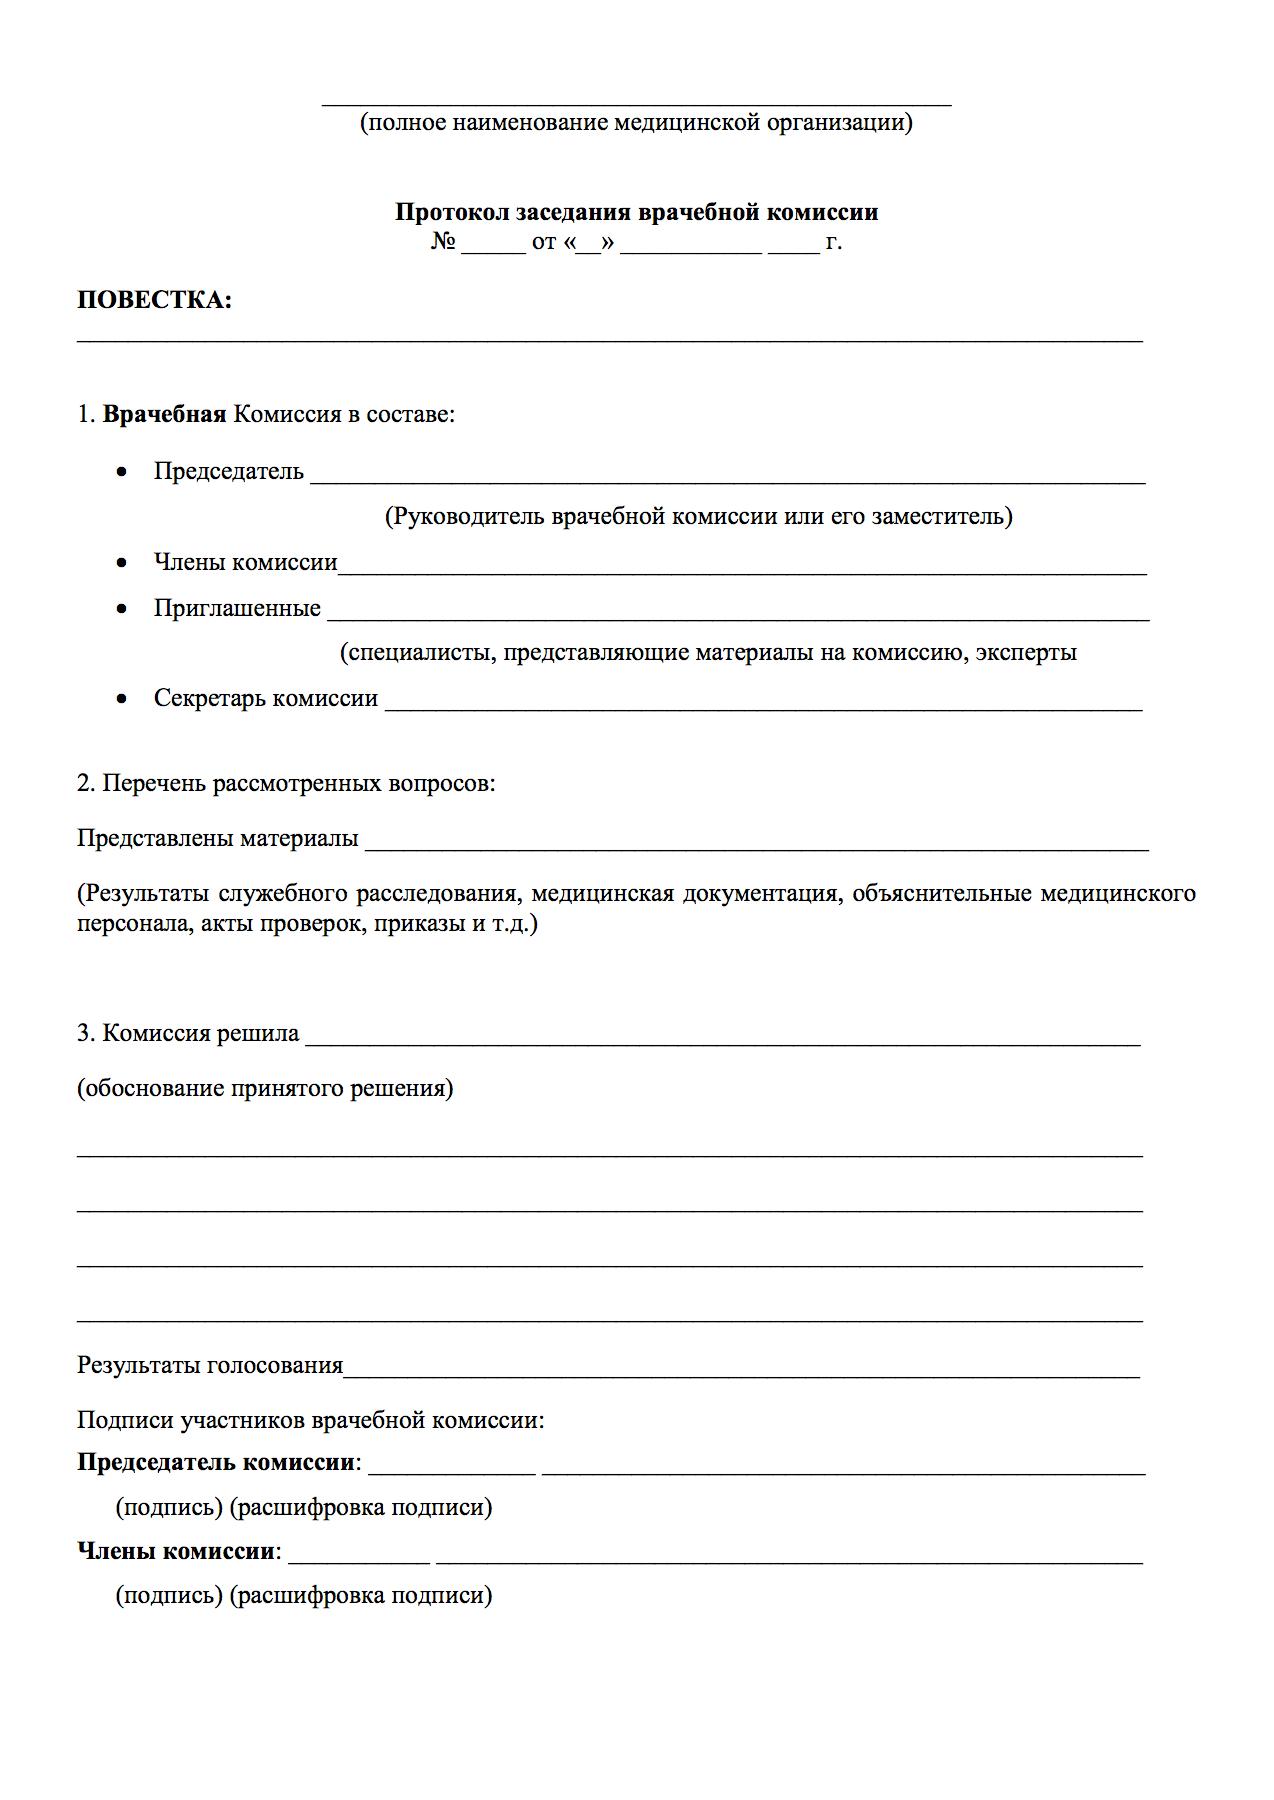 протокол заседания комиссии по стажу образец